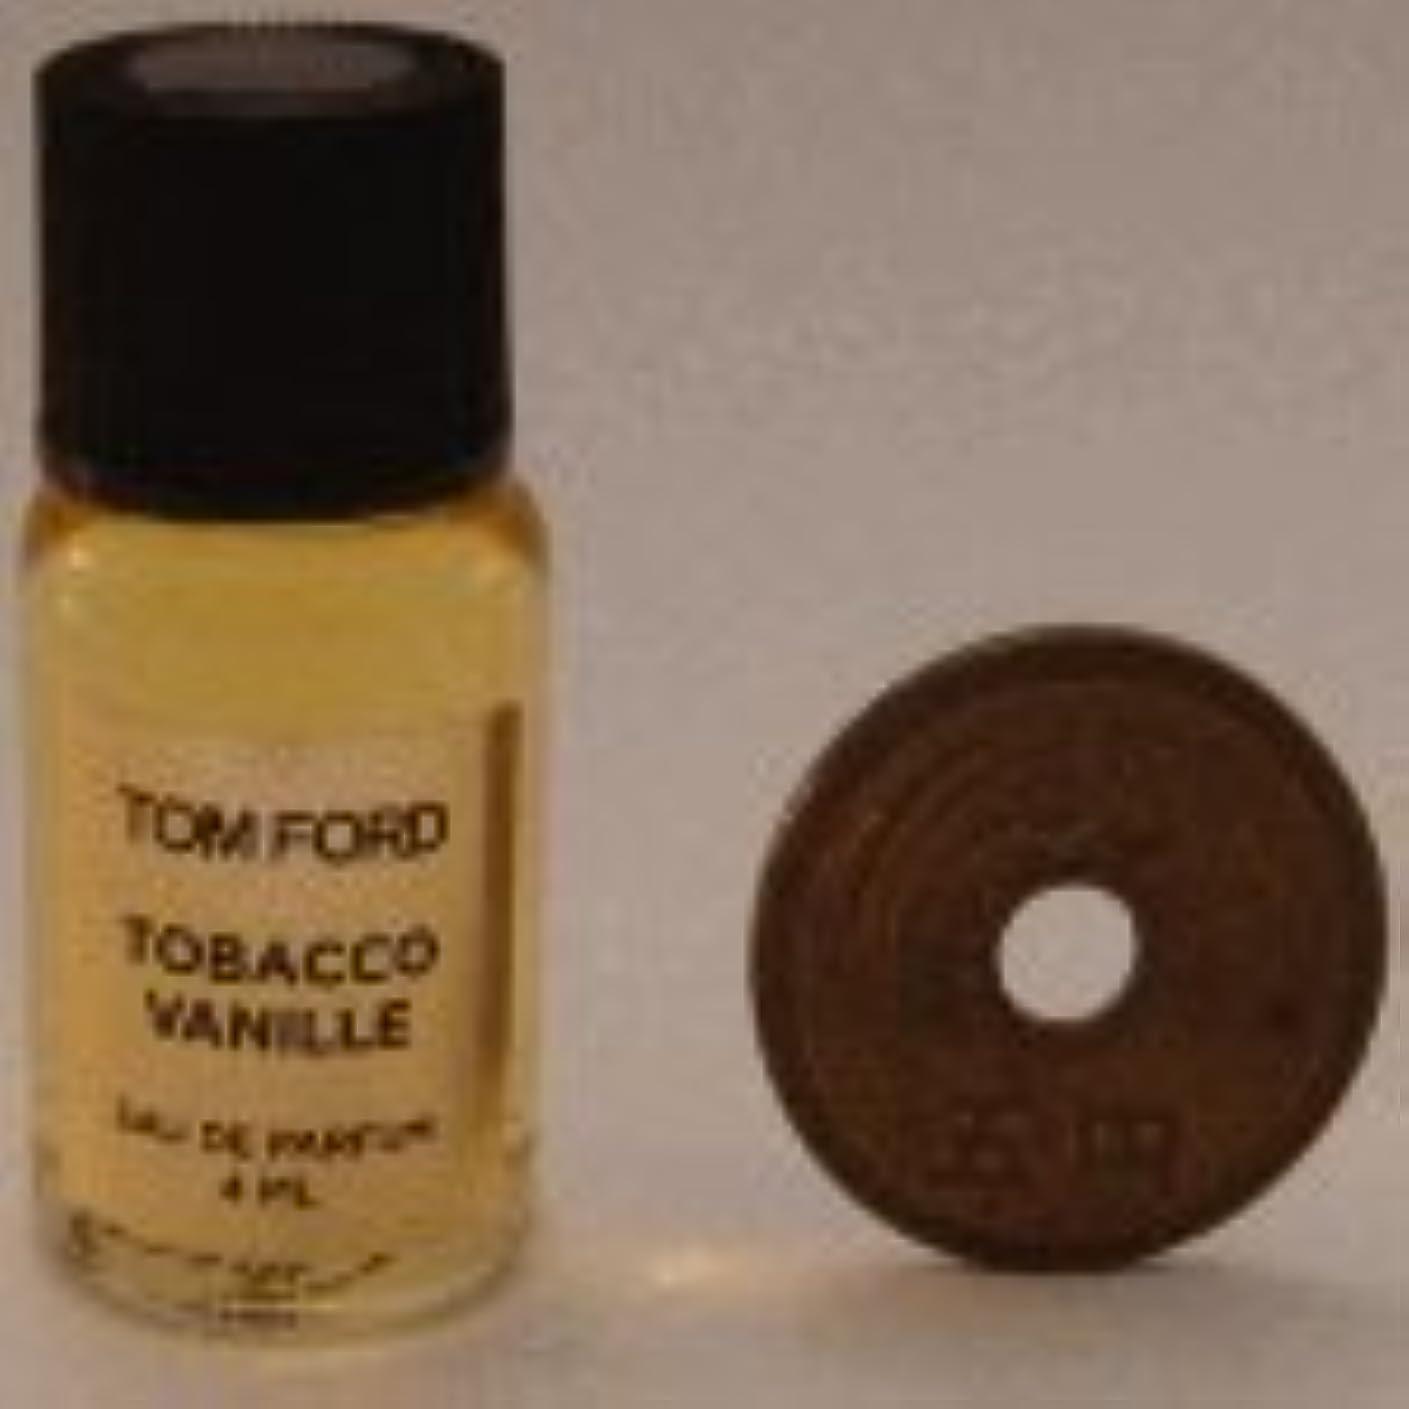 欲求不満言語幾何学Tom Ford Private Blend 'Tobacco Vanille' (トムフォード プライベートブレンド タバコバニラ) 4ml EDP ミニボトル (手詰めサンプル)